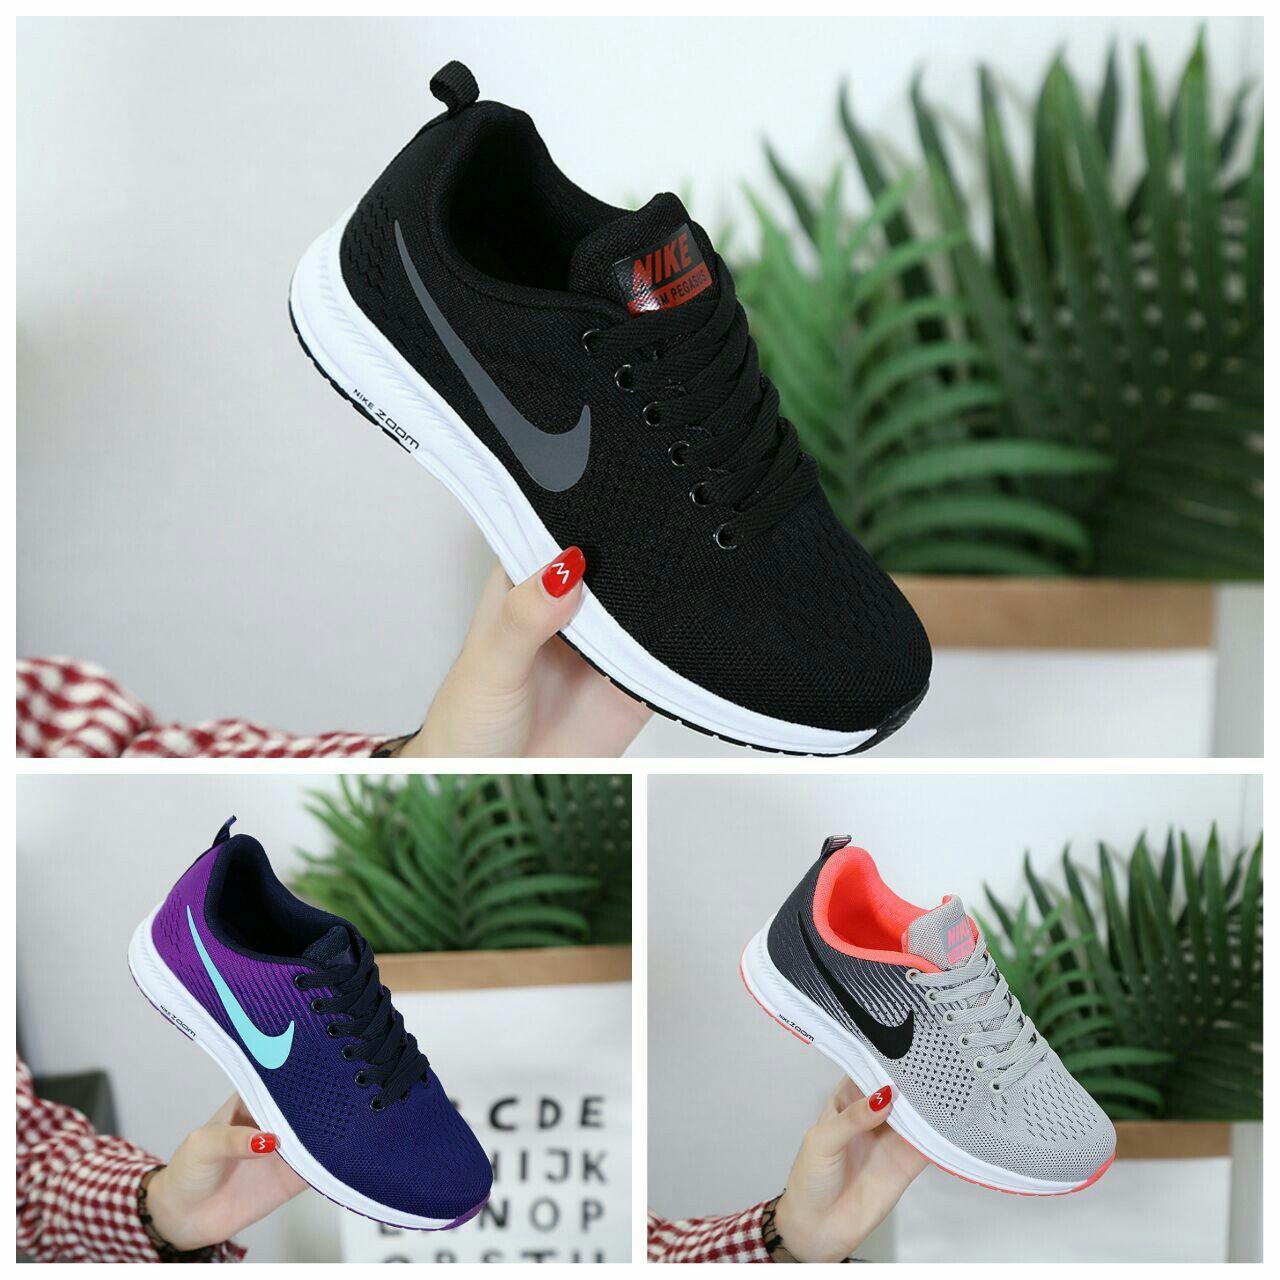 Sepatu Nike M294 A50 Semioriginal Heels 3 Cm Berat 6 Ons Ada 3 Warna Black Gray Blue Size Insole 36 23 Cm 3 Sepatu Sepatu Nike